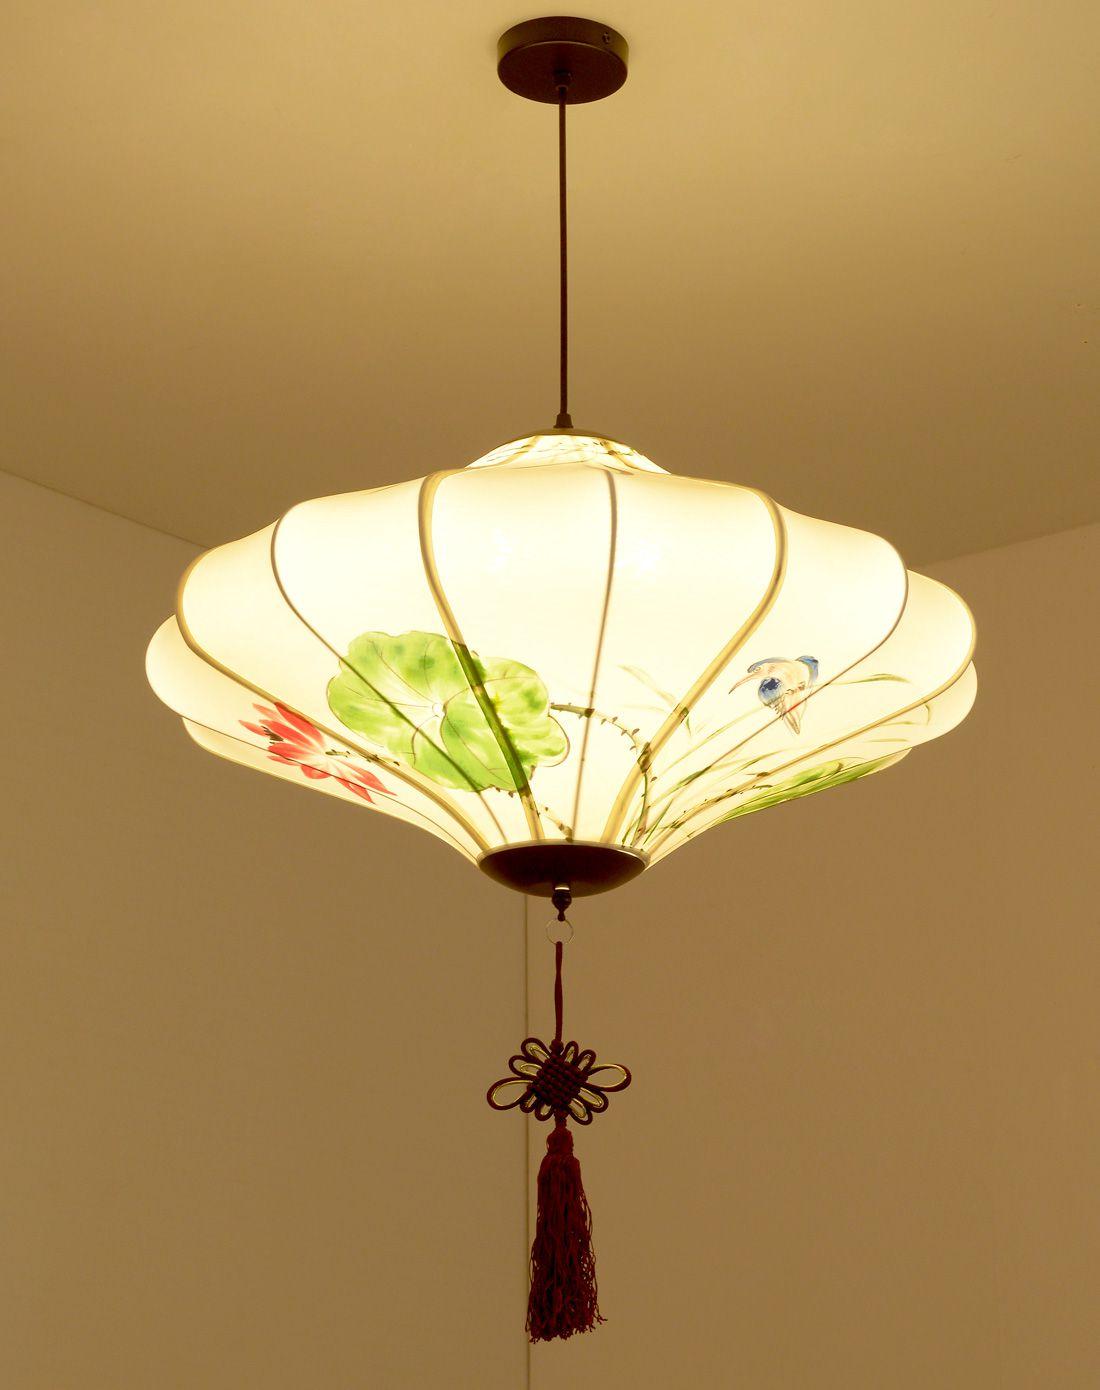 新中式手绘圆形吊灯图片